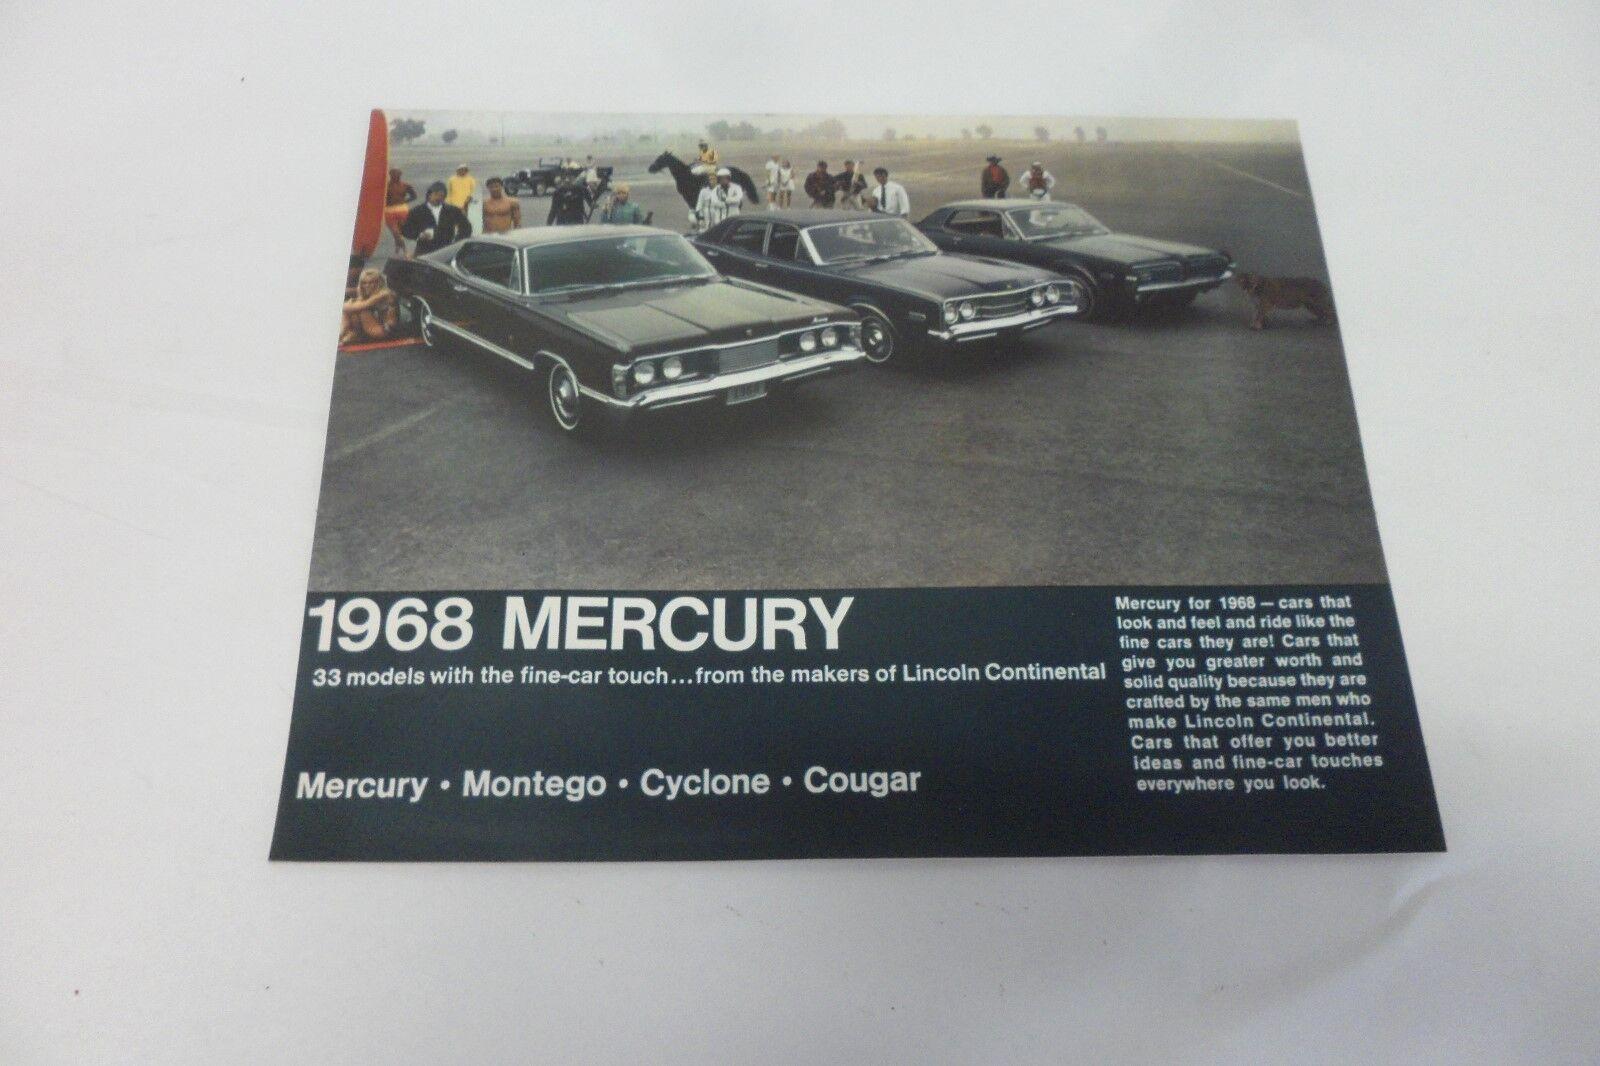 Vintage 1968 Mercury Montego MX Cyclone Cougar Brochure - $7.89